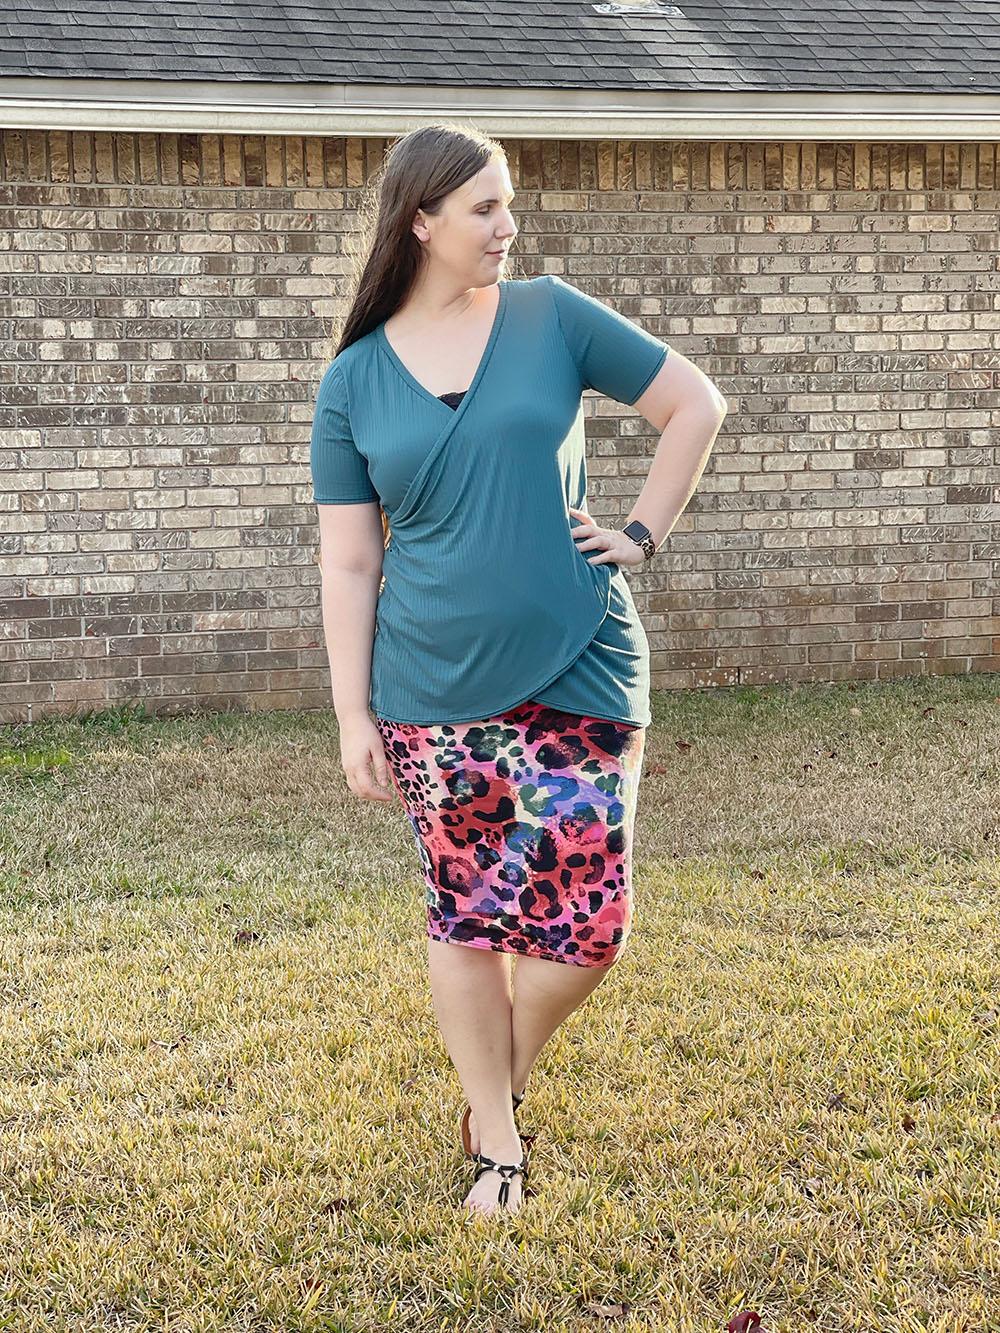 Soleil's Wrapped Shirt Sizes XXS to 3X Adults PDF Pattern